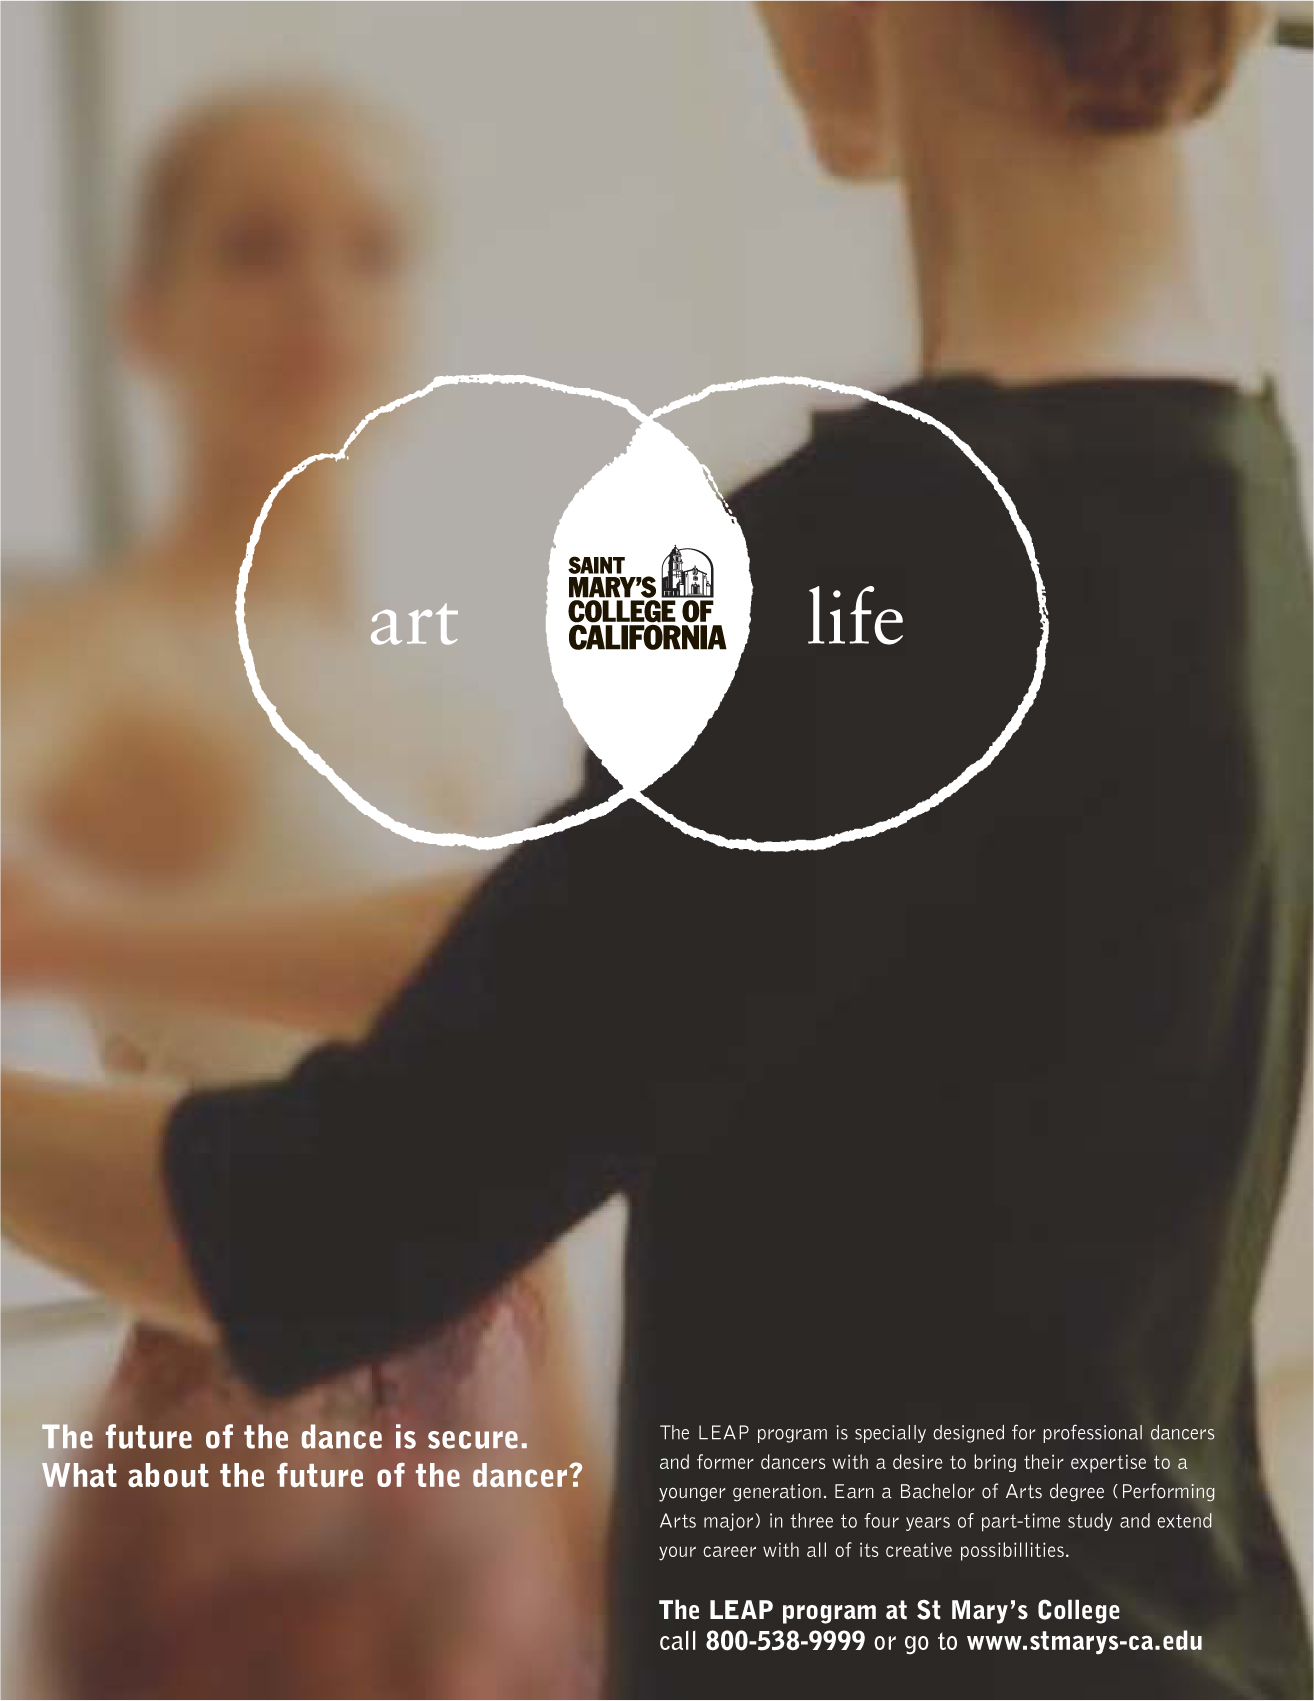 dancer art life.jpg